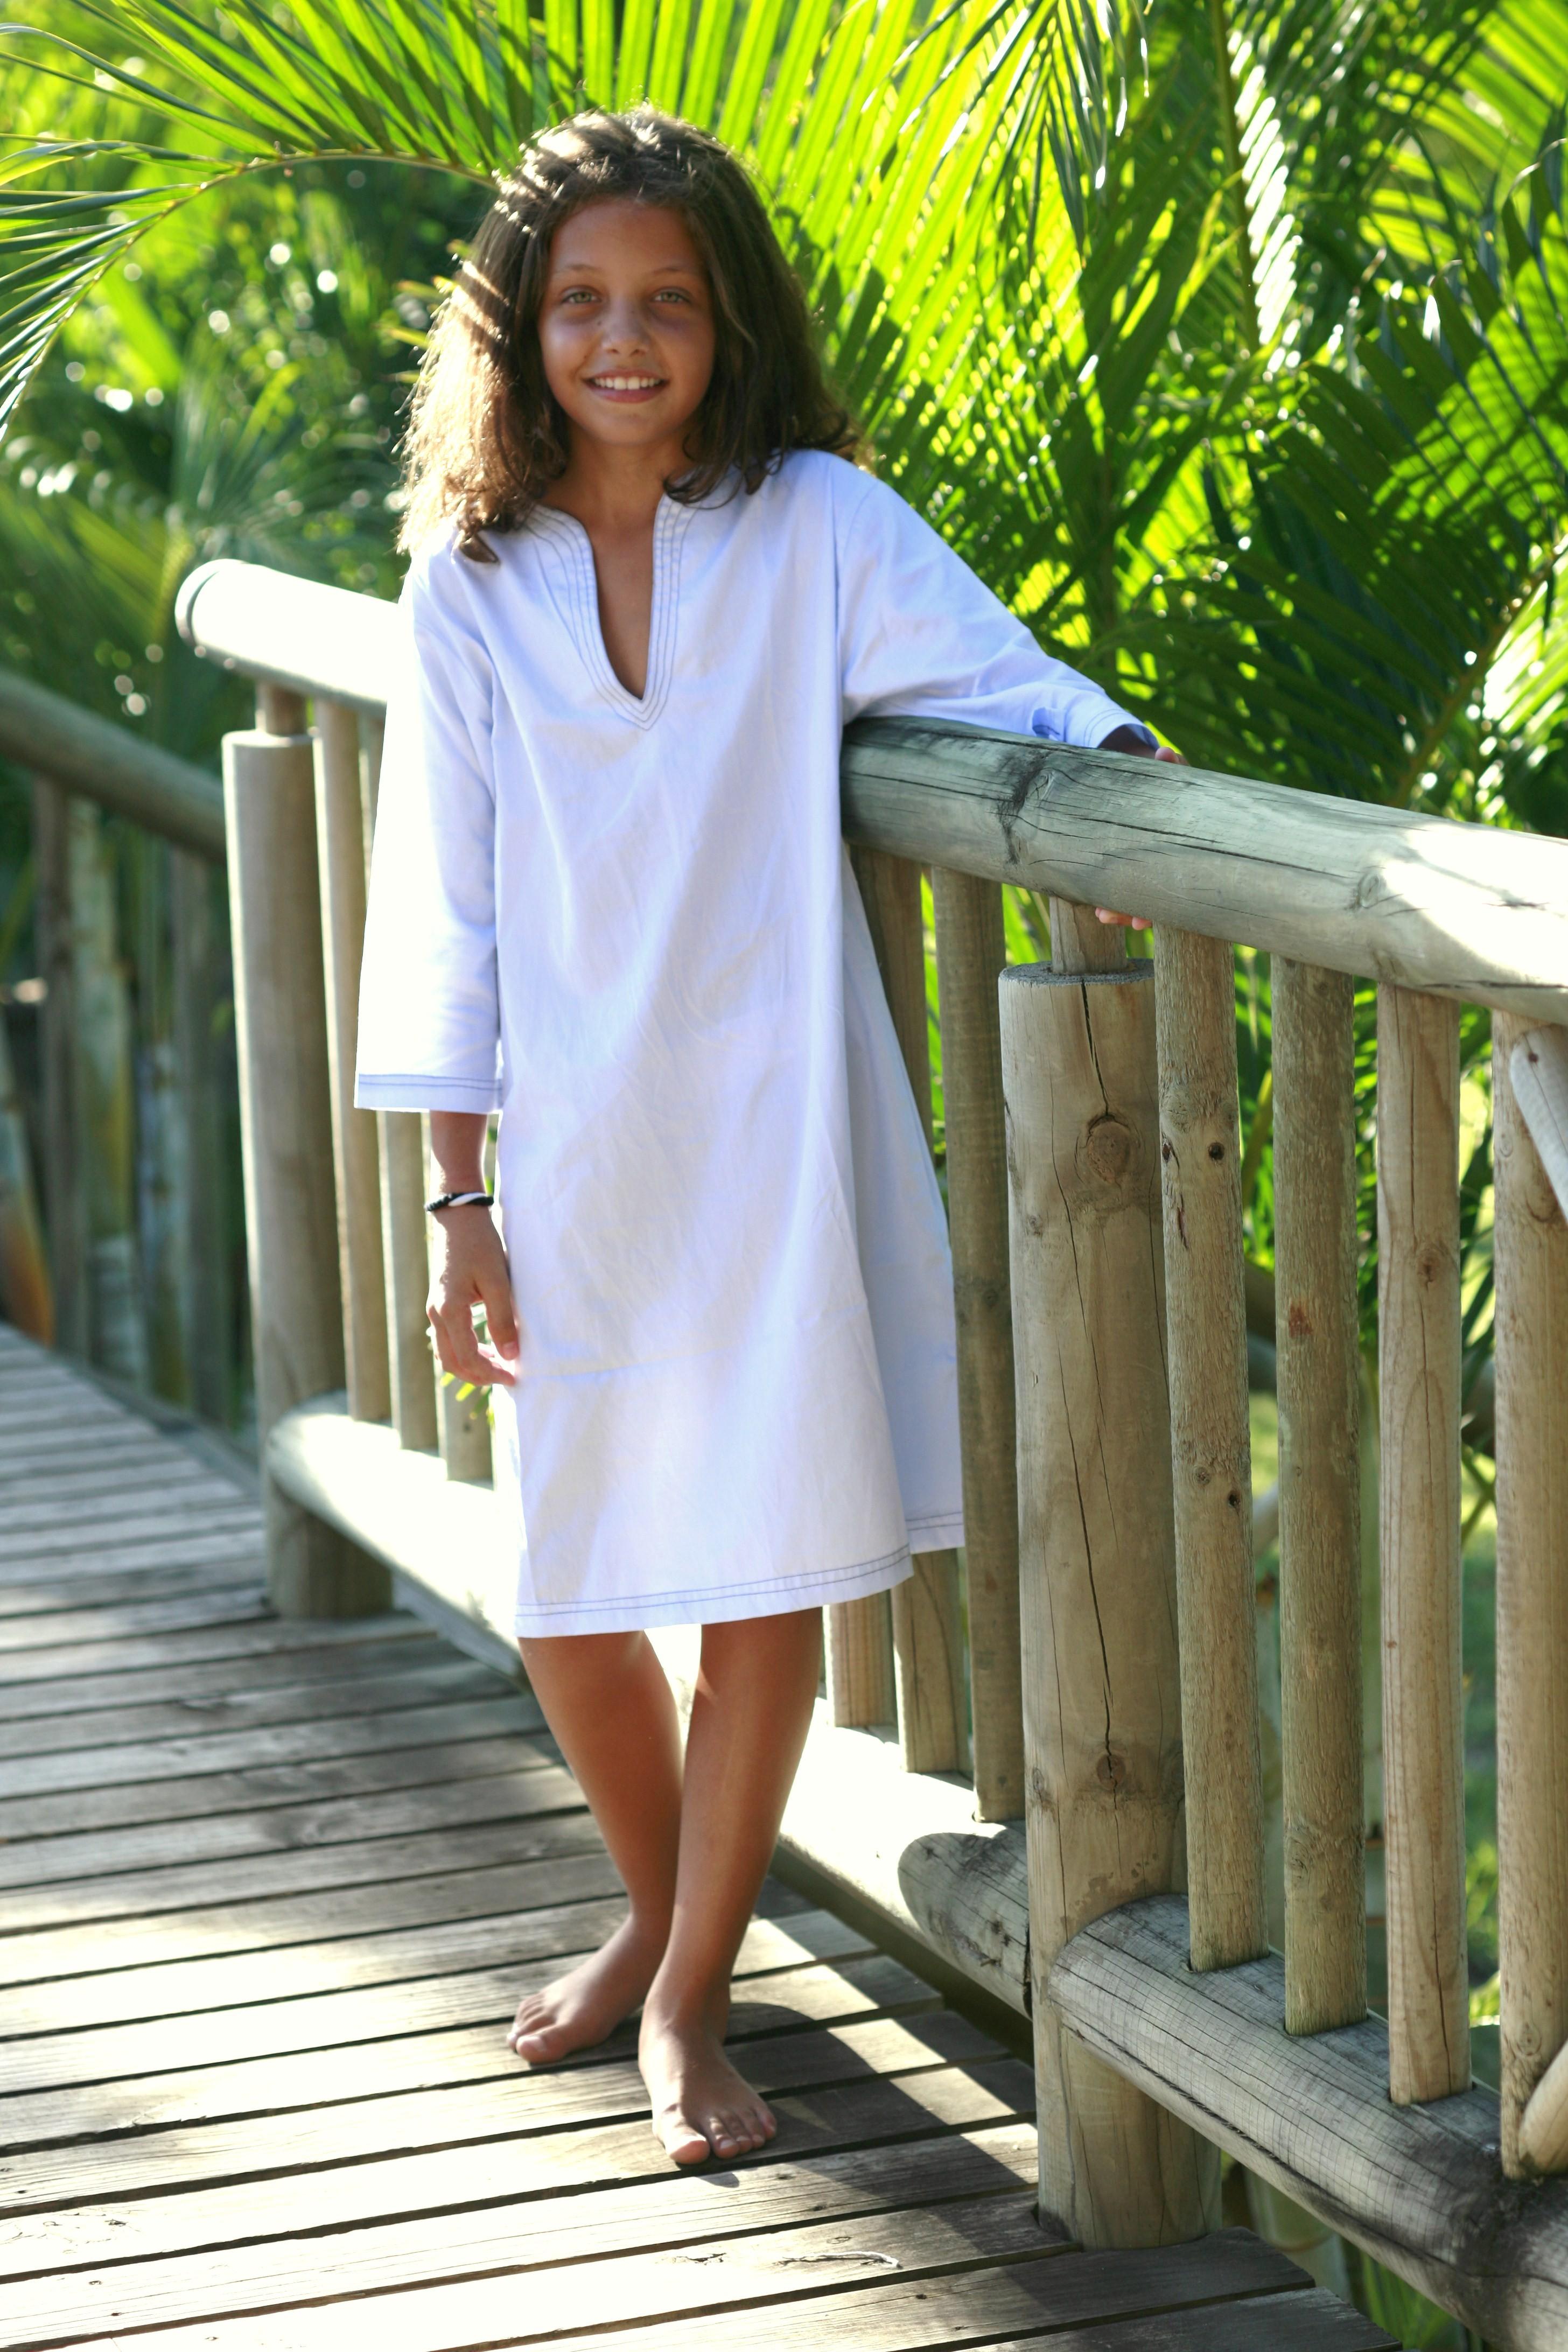 chemise de nuit fille 10 ans fille peignoirs petit bateau fiction chemise de nuit. Black Bedroom Furniture Sets. Home Design Ideas